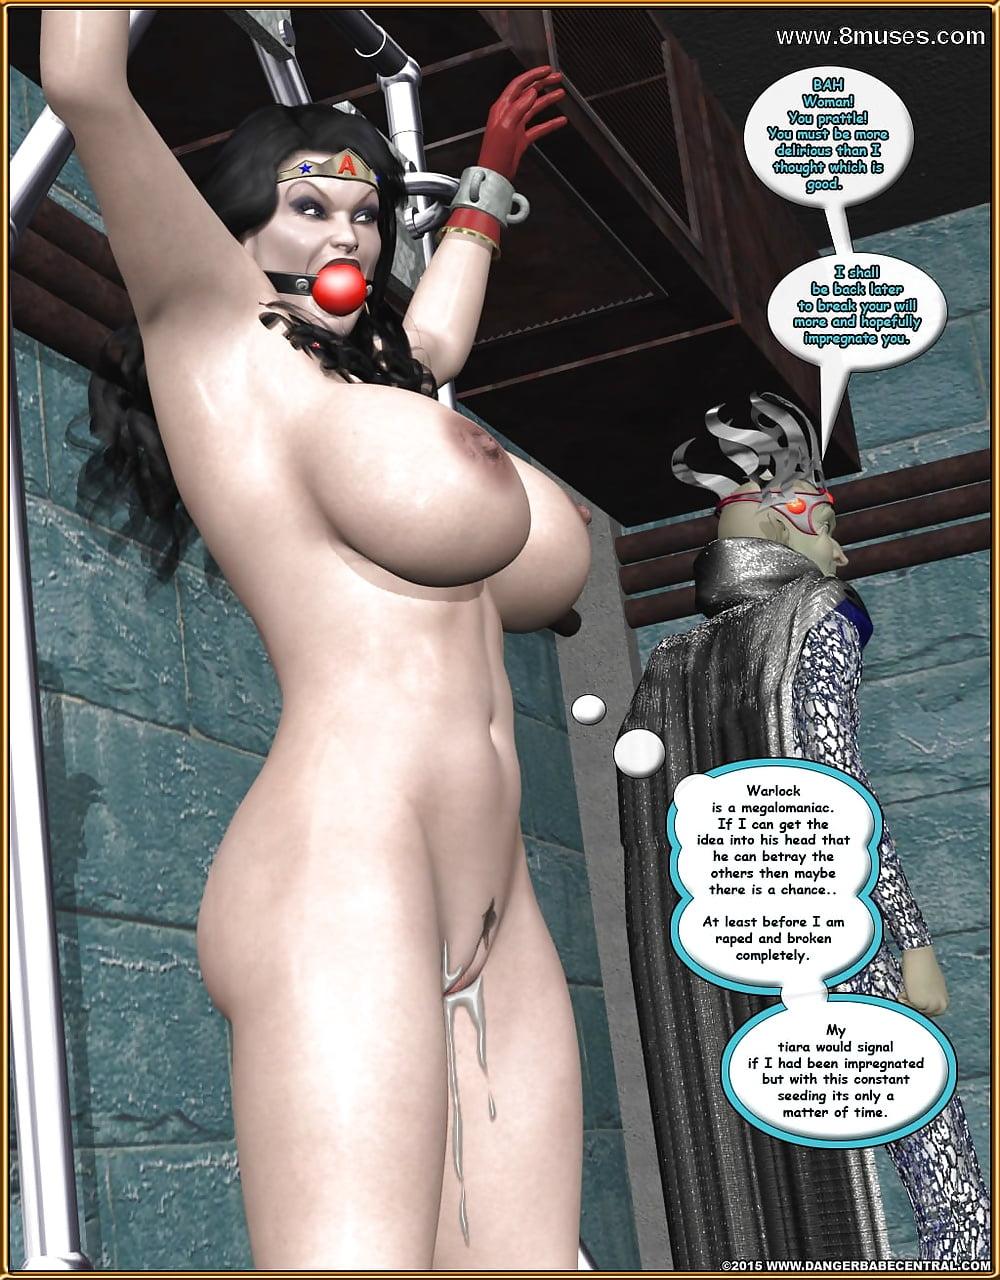 Madonna confessions tour erotic